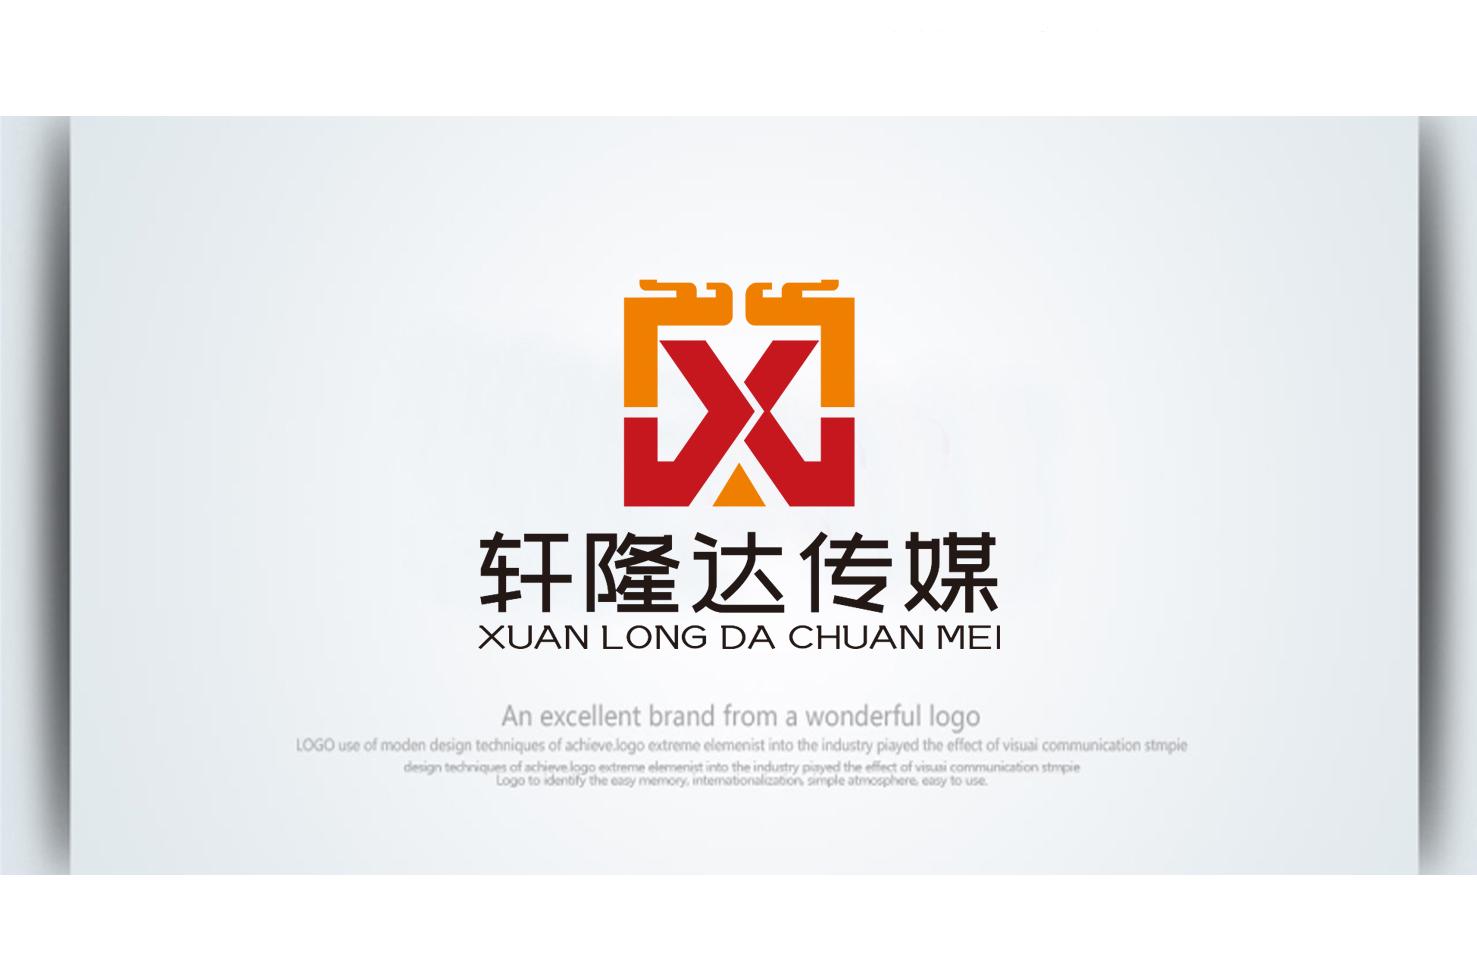 轩隆达传媒logo设计_3032811_k68威客网